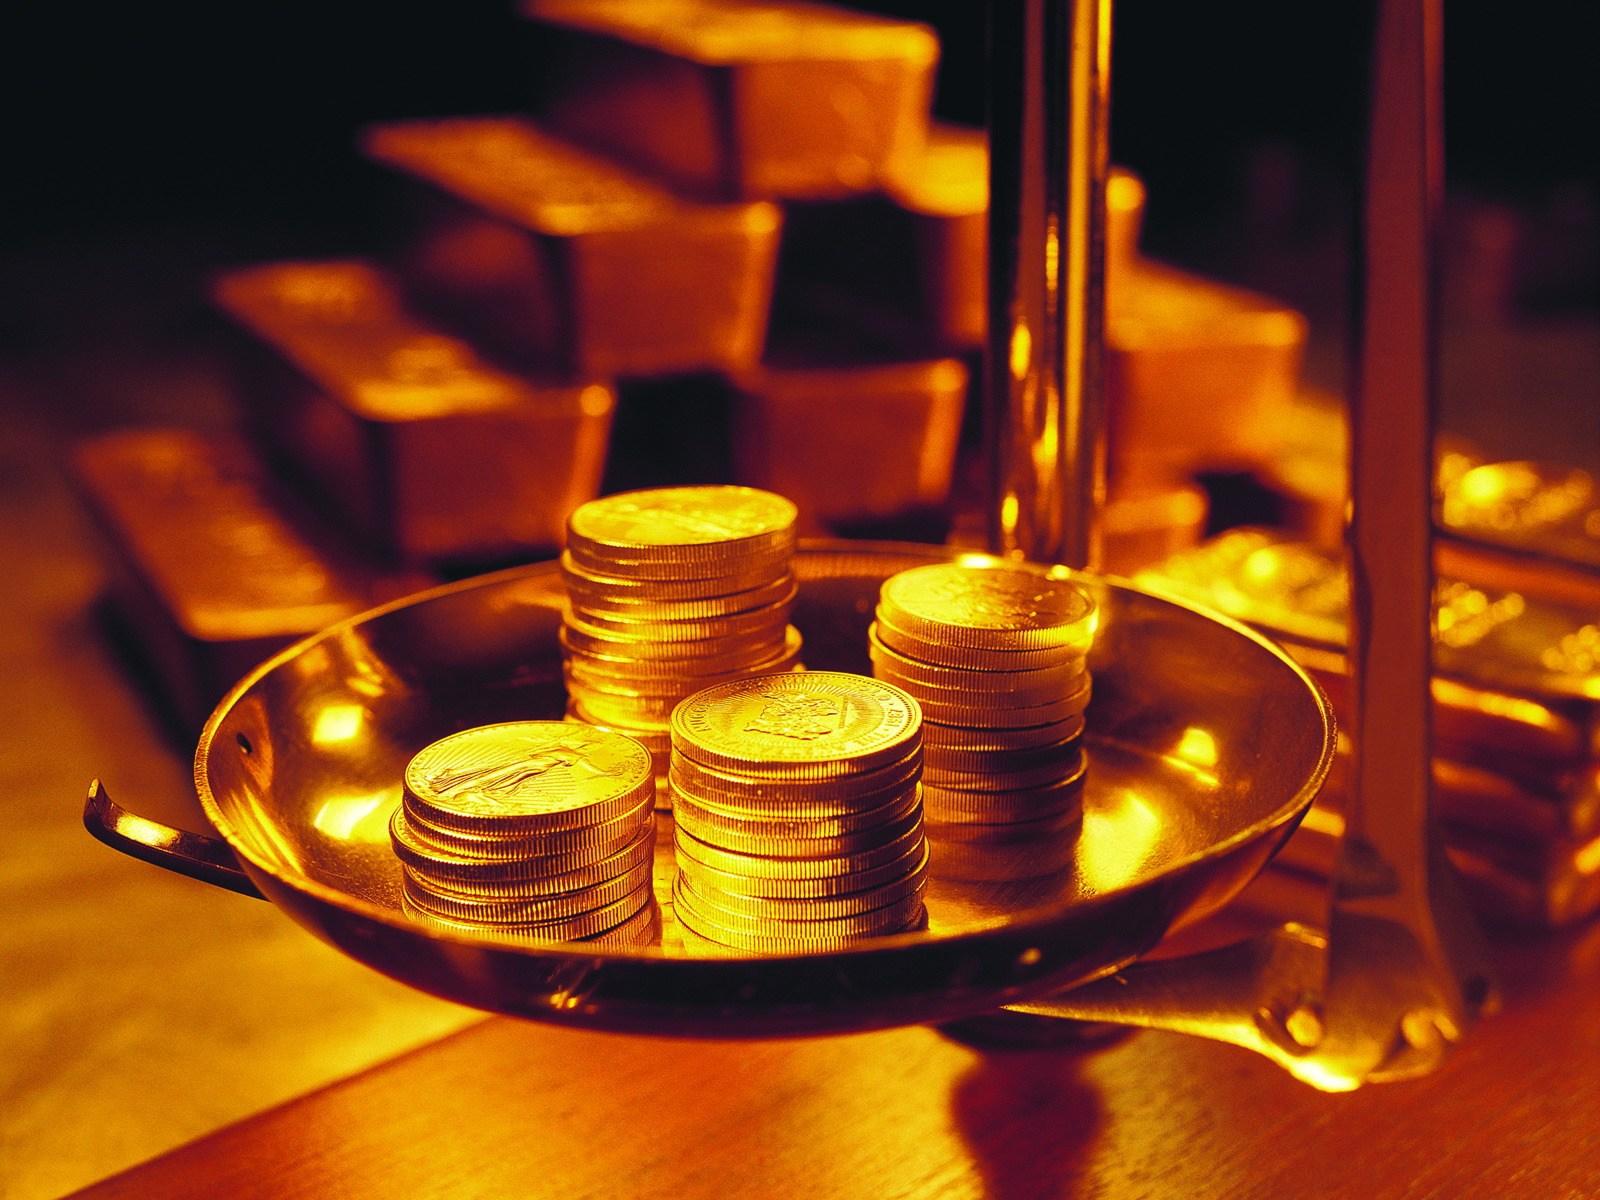 Giá vàng hôm nay 1/9: Biến động trái chiều vào đầu tháng mới